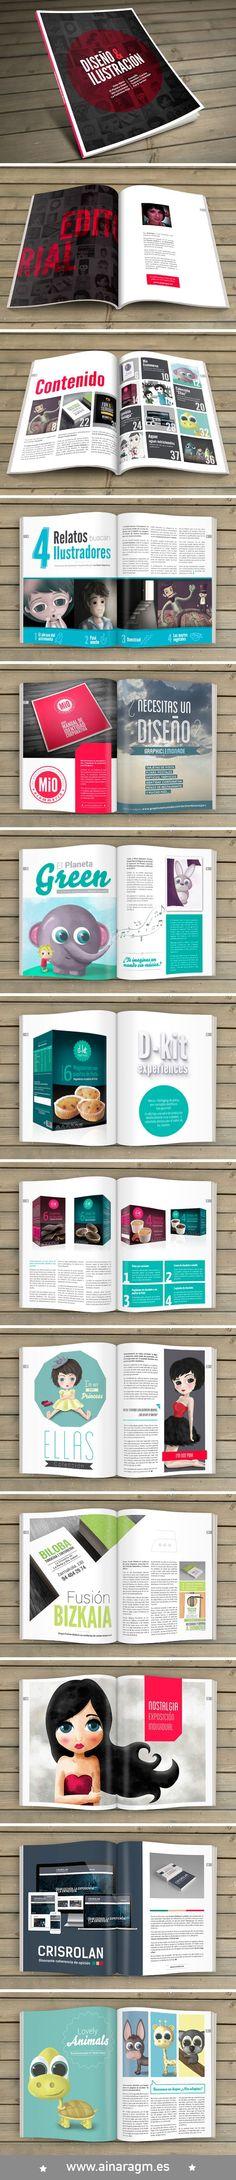 Diseño de revista para mostrar mi portfolio: